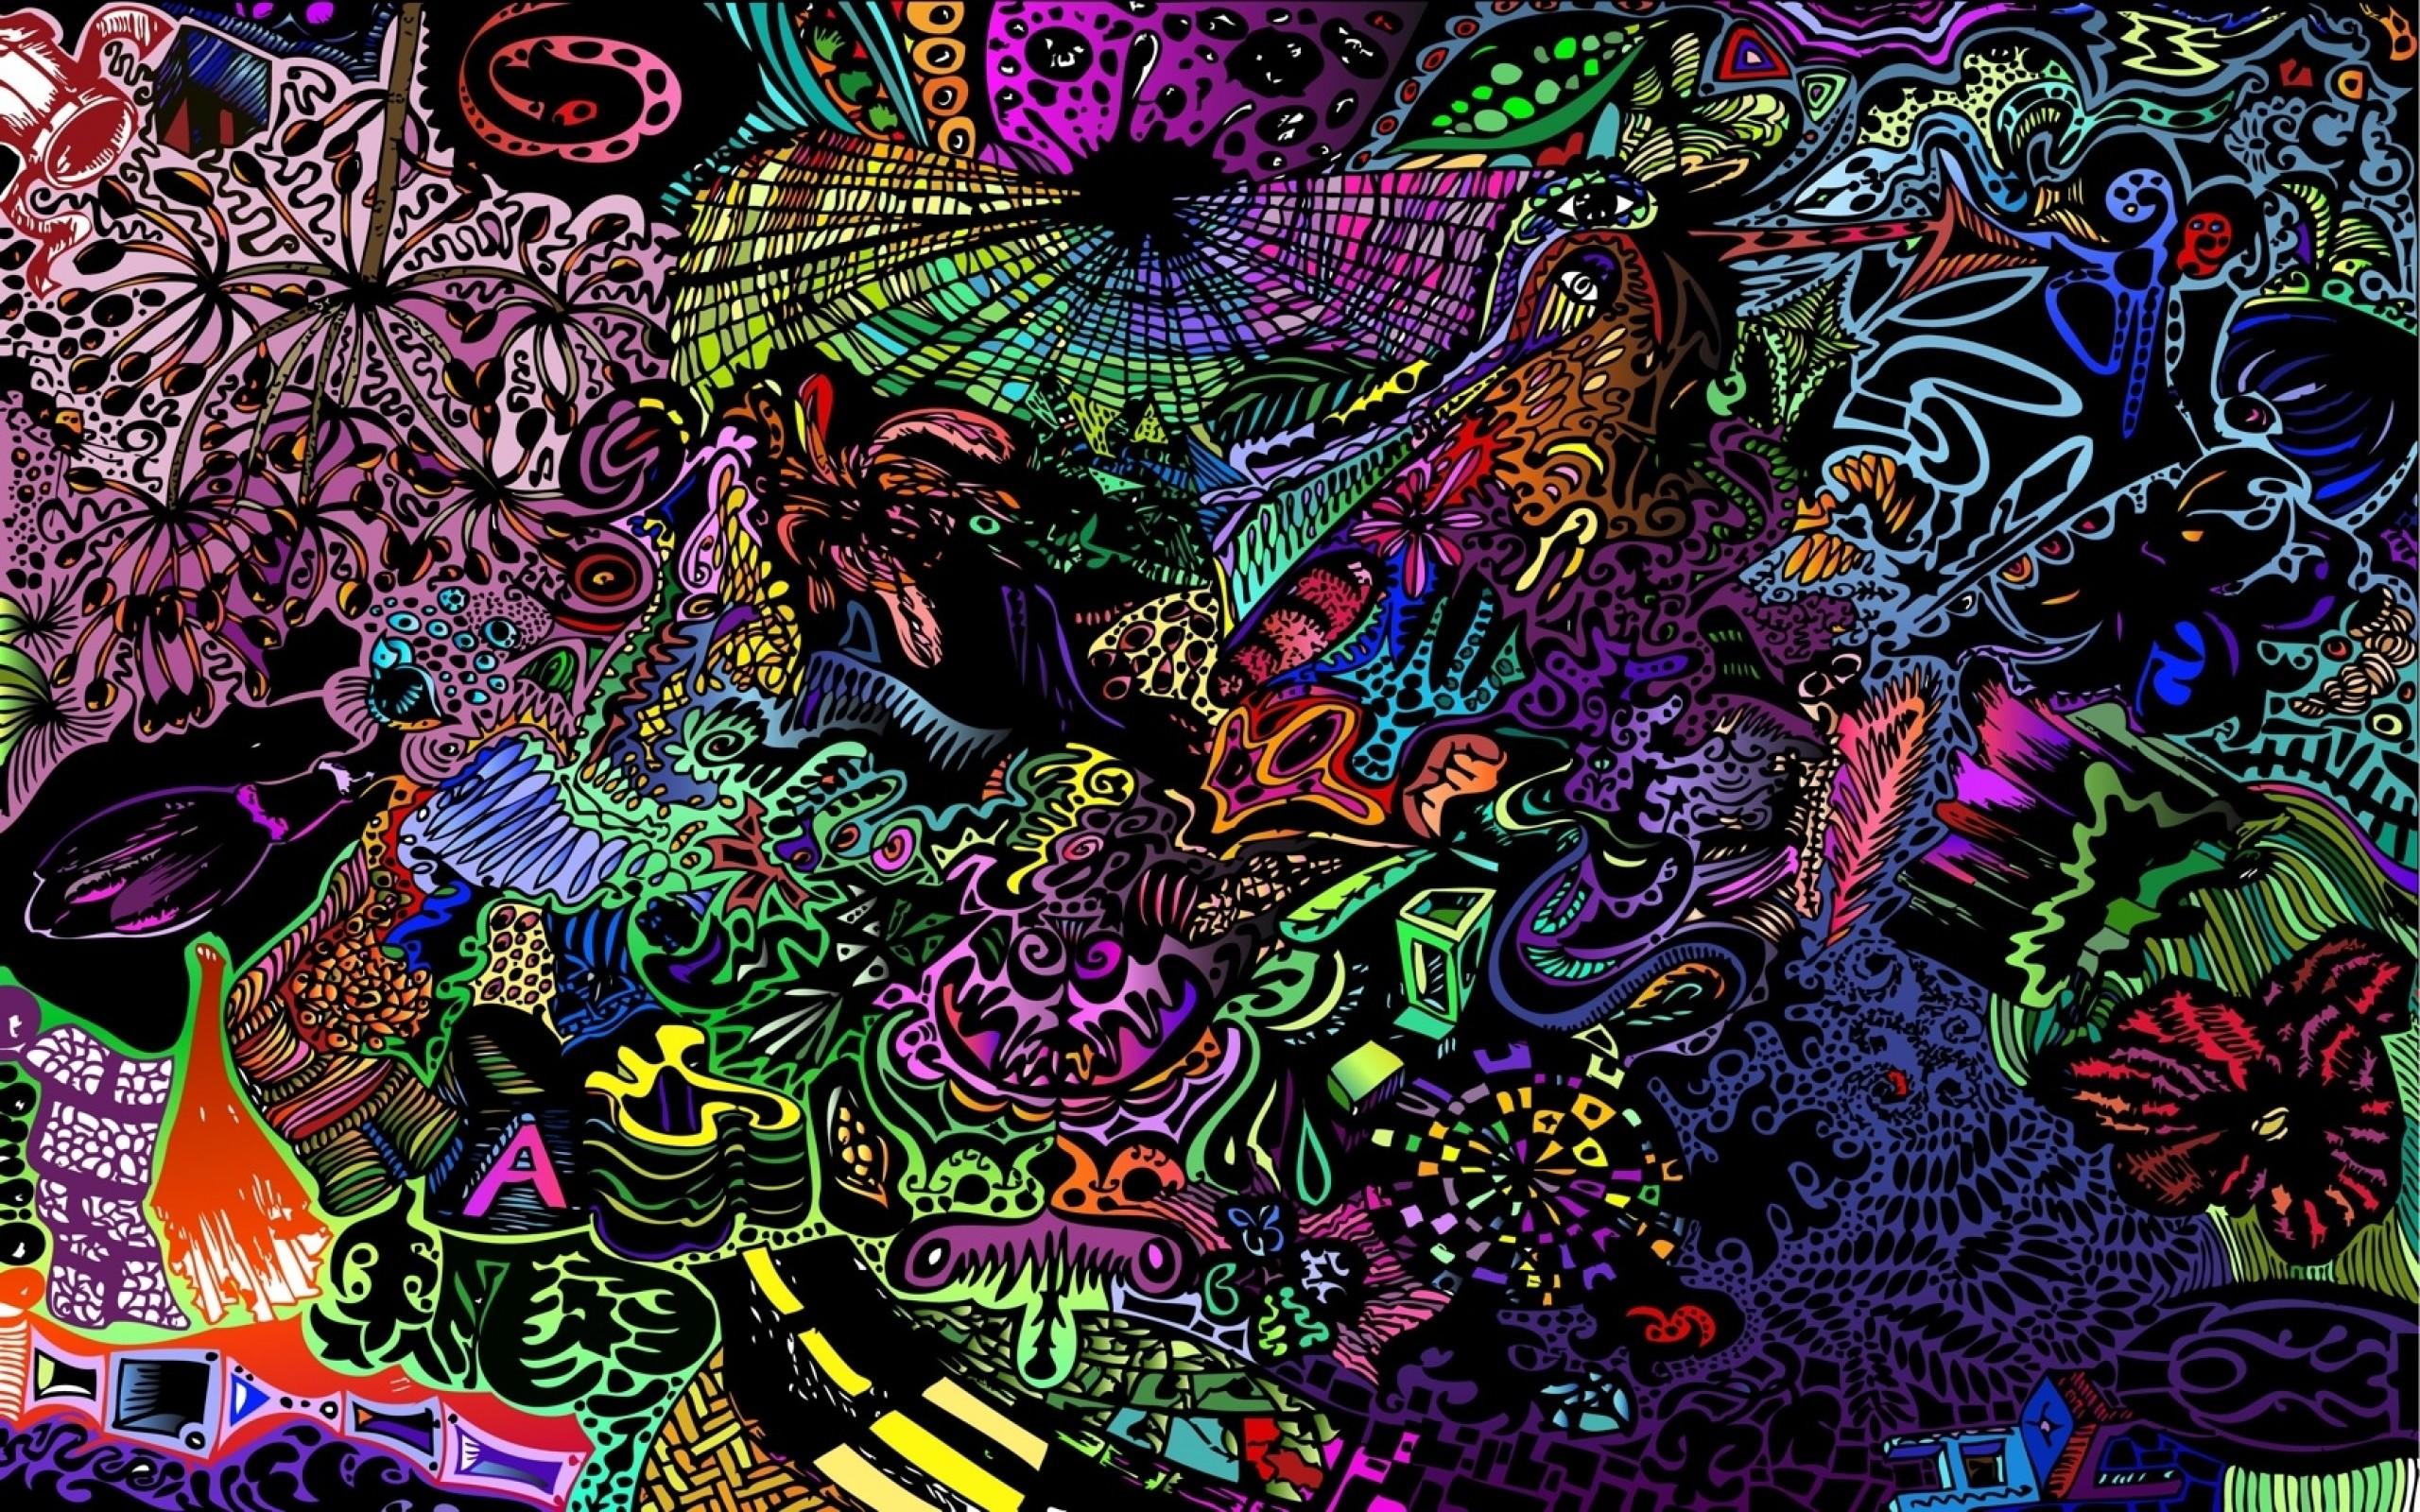 treanding trippy wallpaper HD